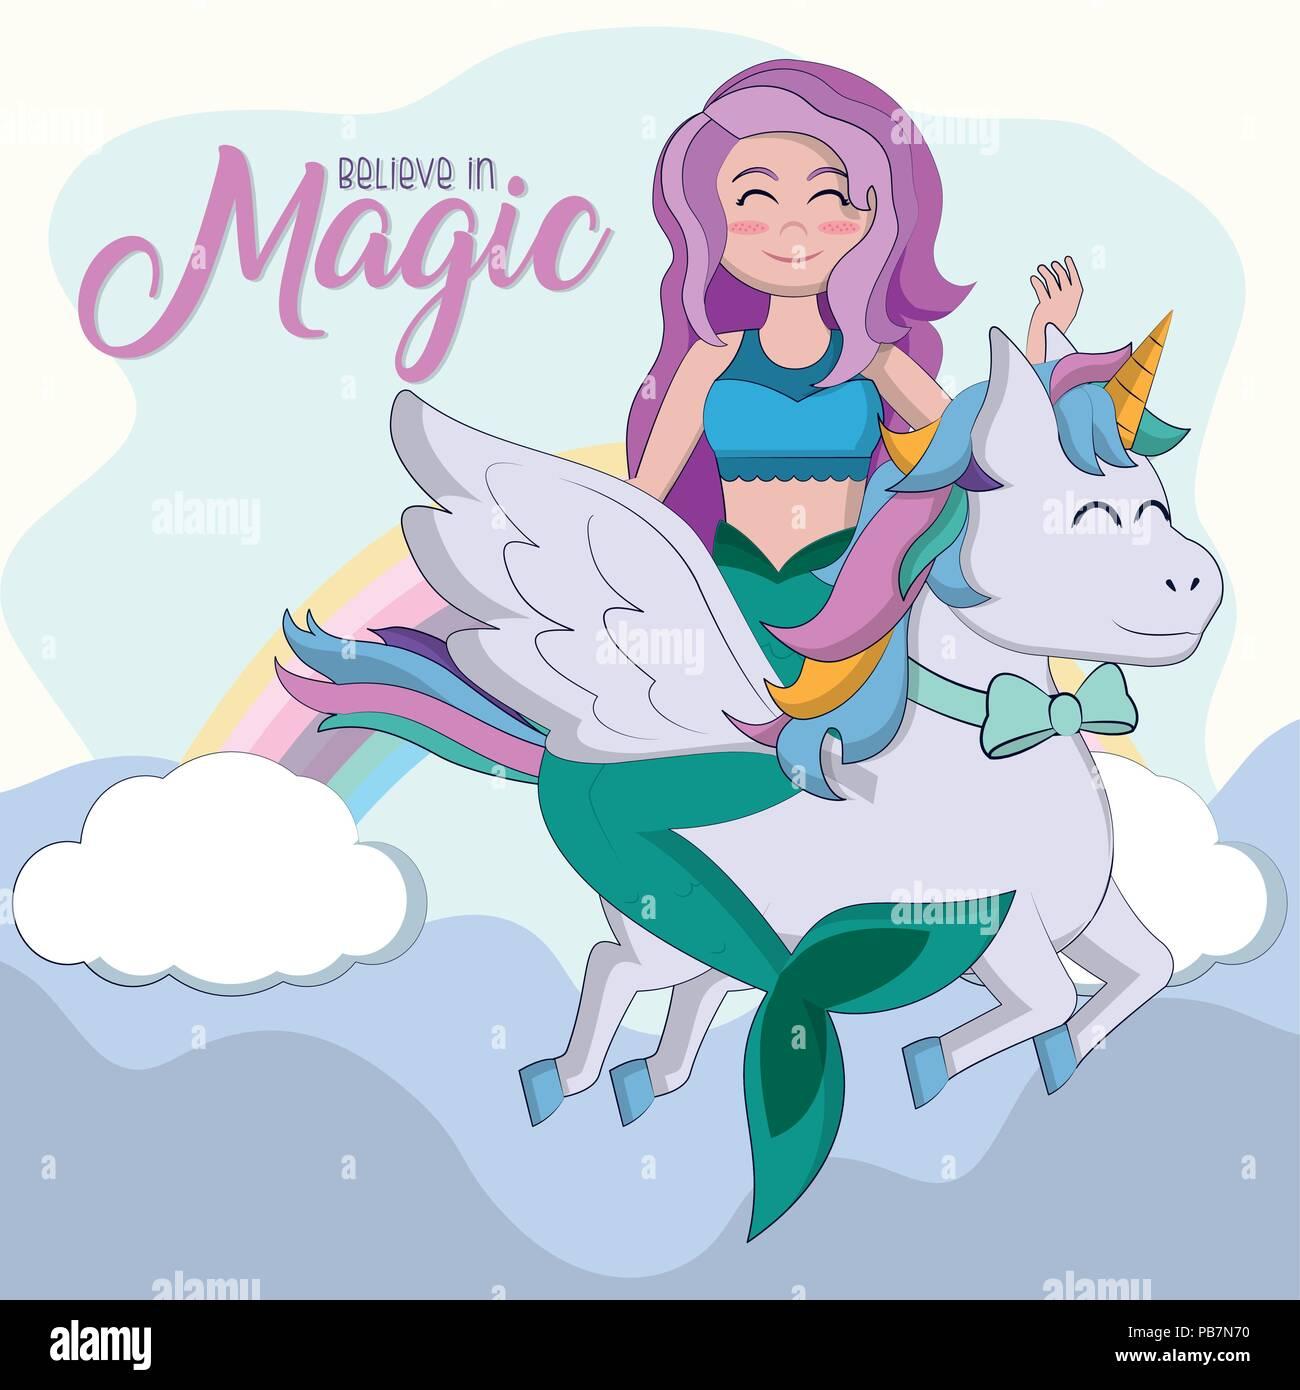 Believe in magic cartoons Stock Vector